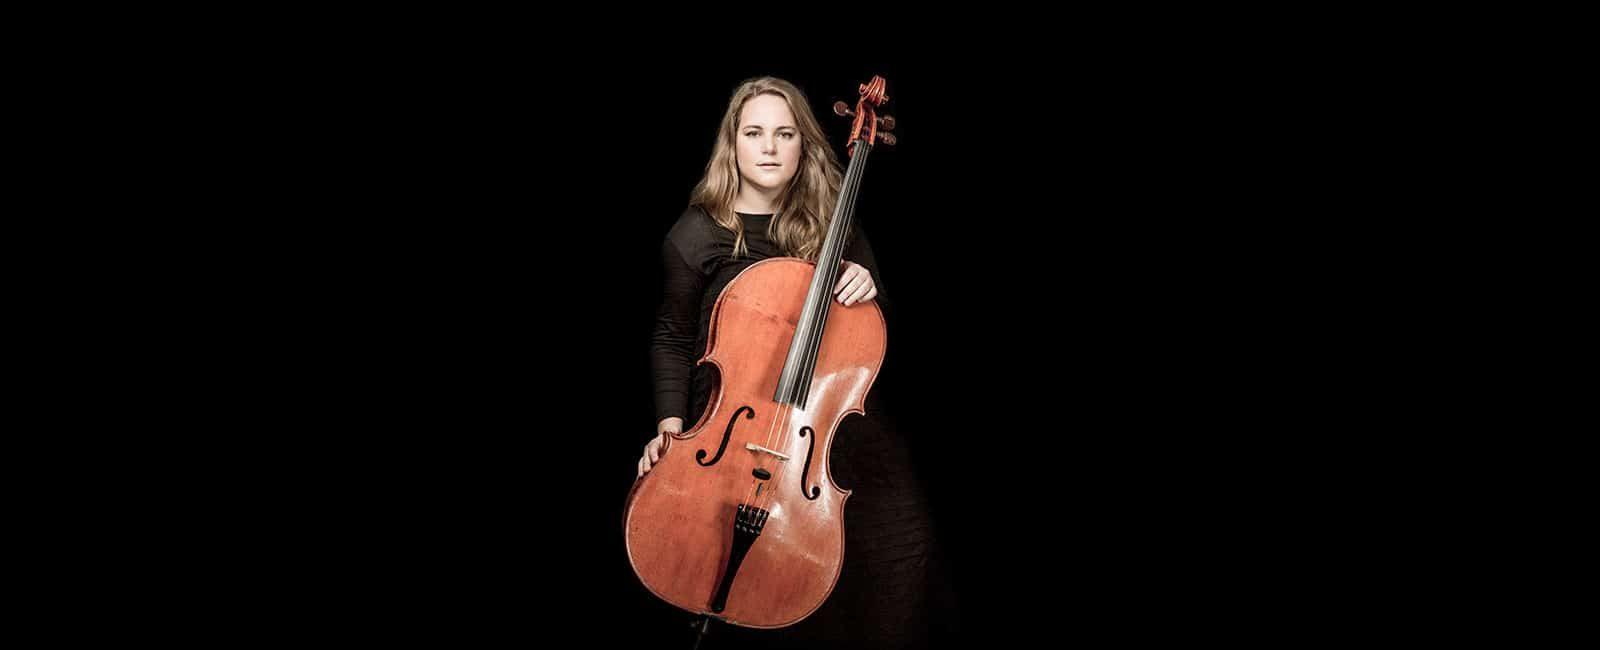 Gemma Tomlinson - Cellist